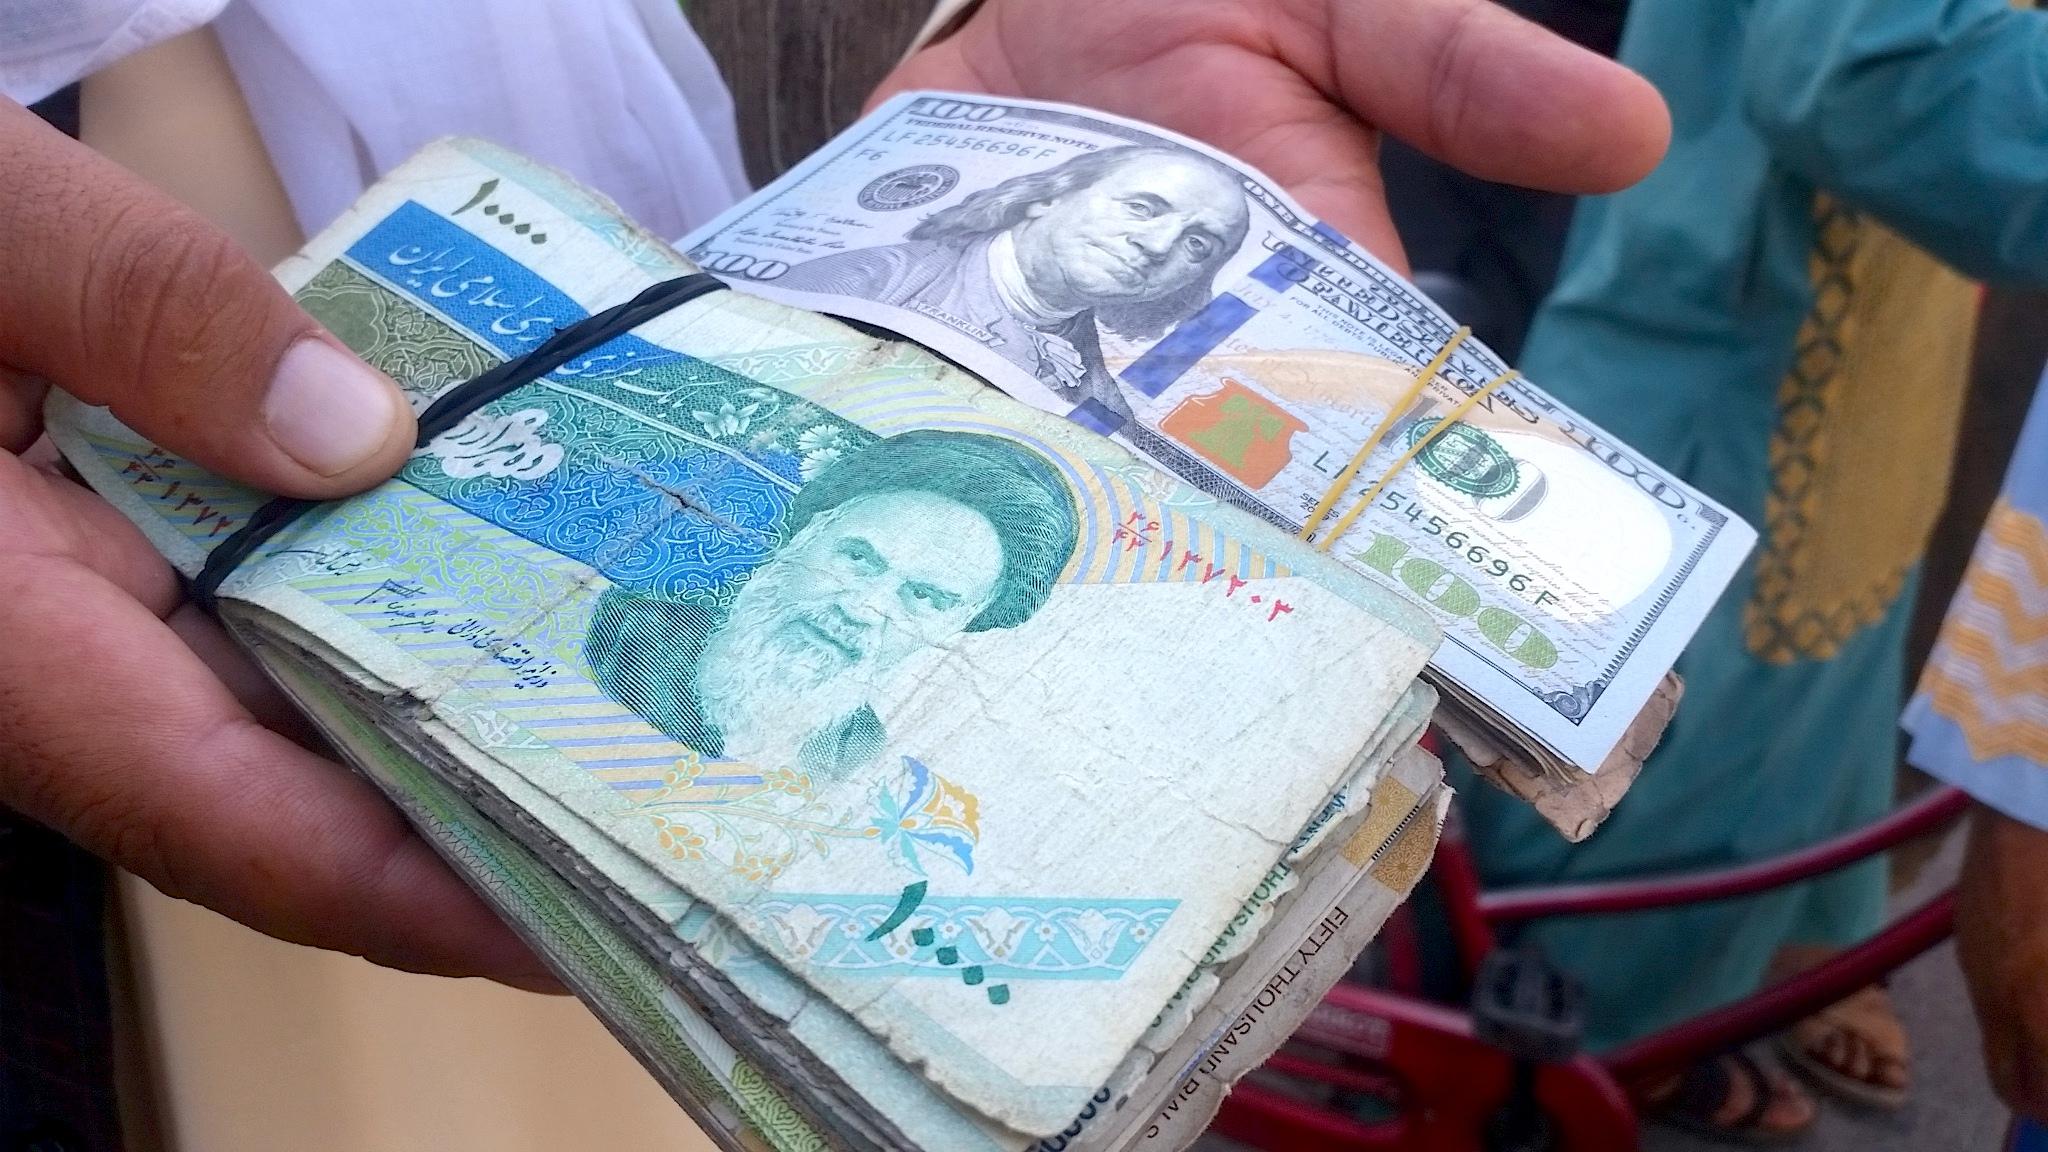 مقامات افغان نگران خروج میلیون ها دالر از کشور به ایران استند